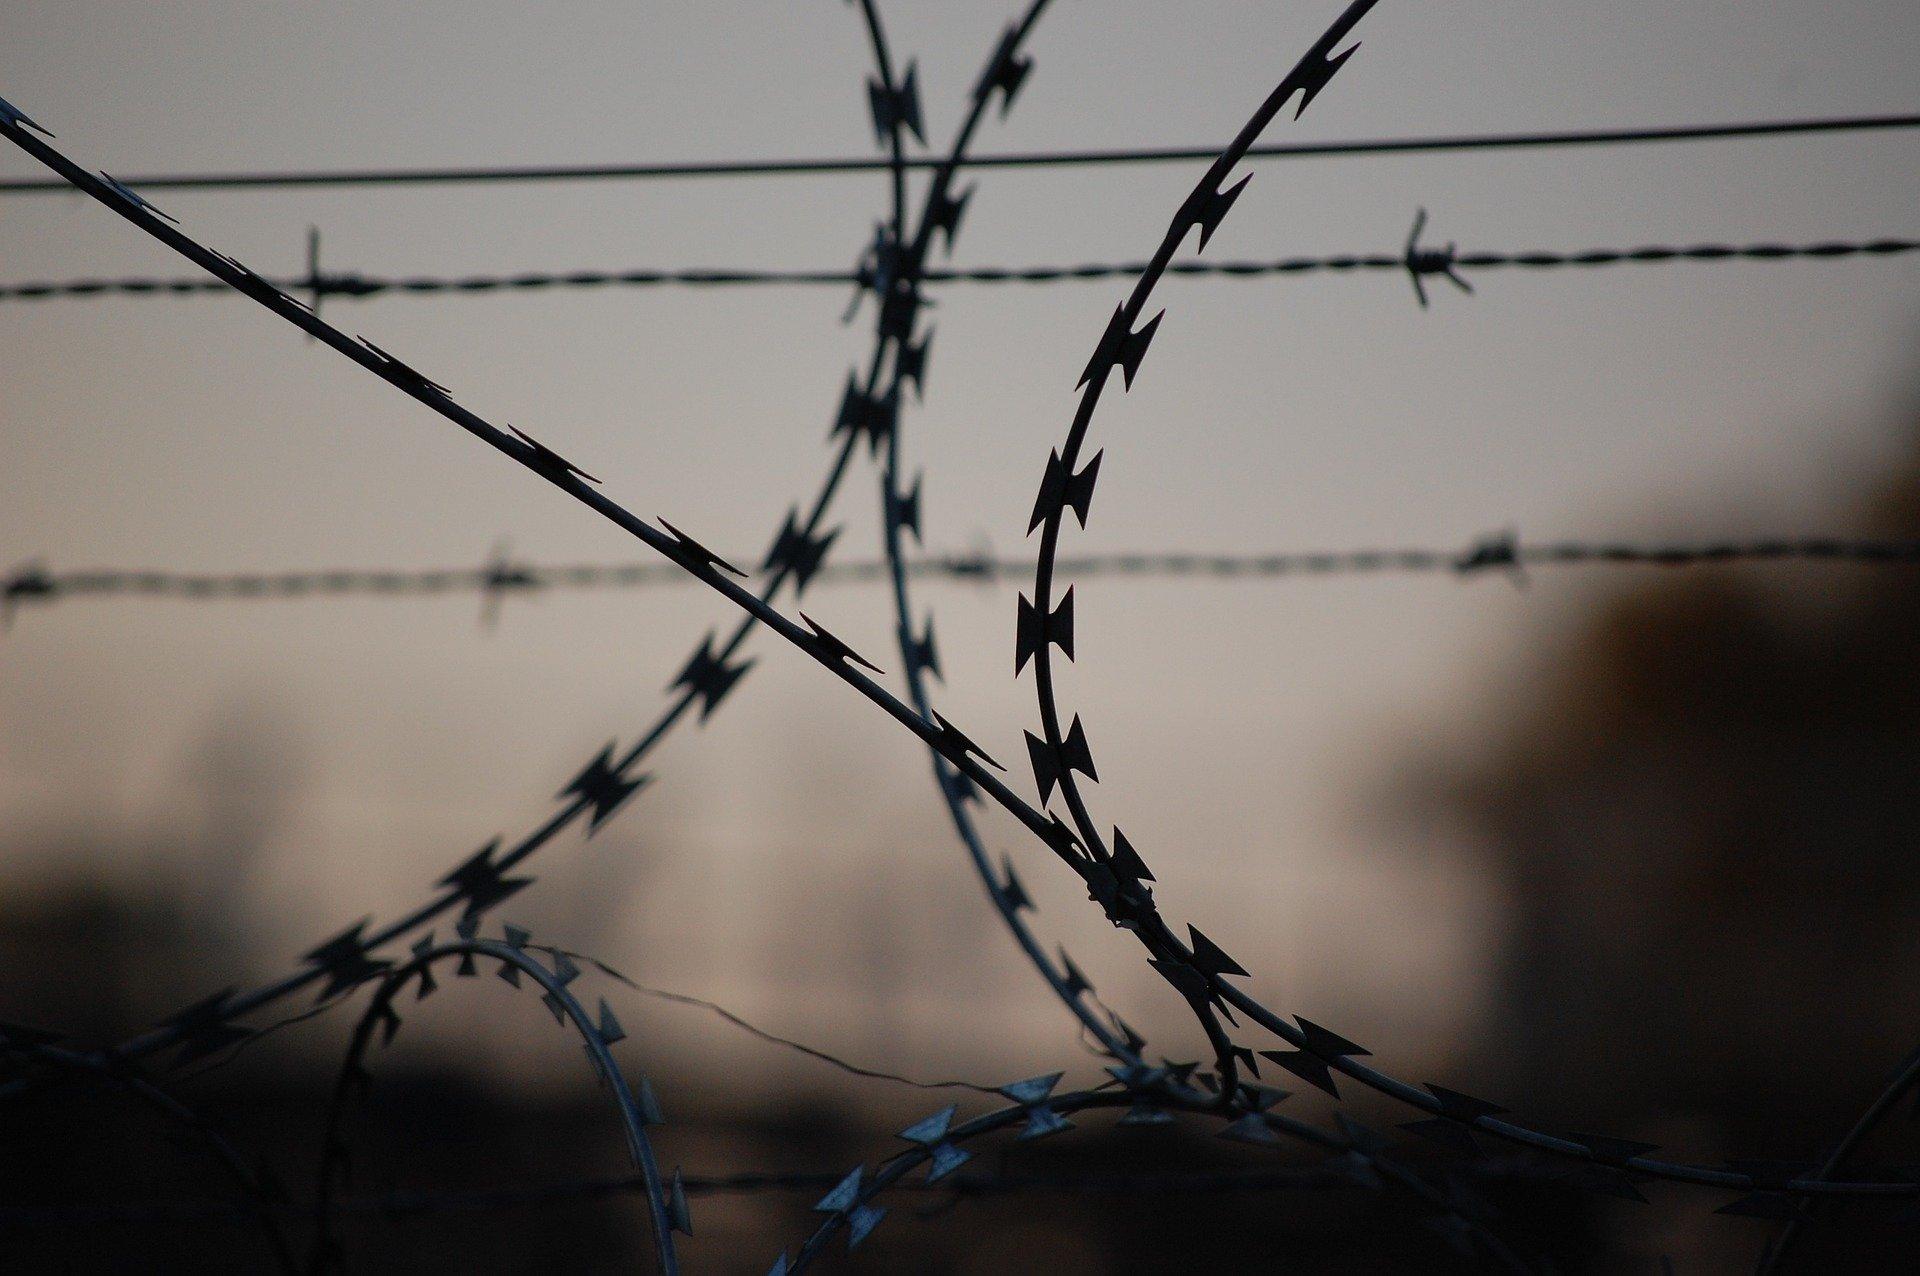 В подвале жилого дома в Абинском районе найдены наркотические вещества. Подозреваемый задержан